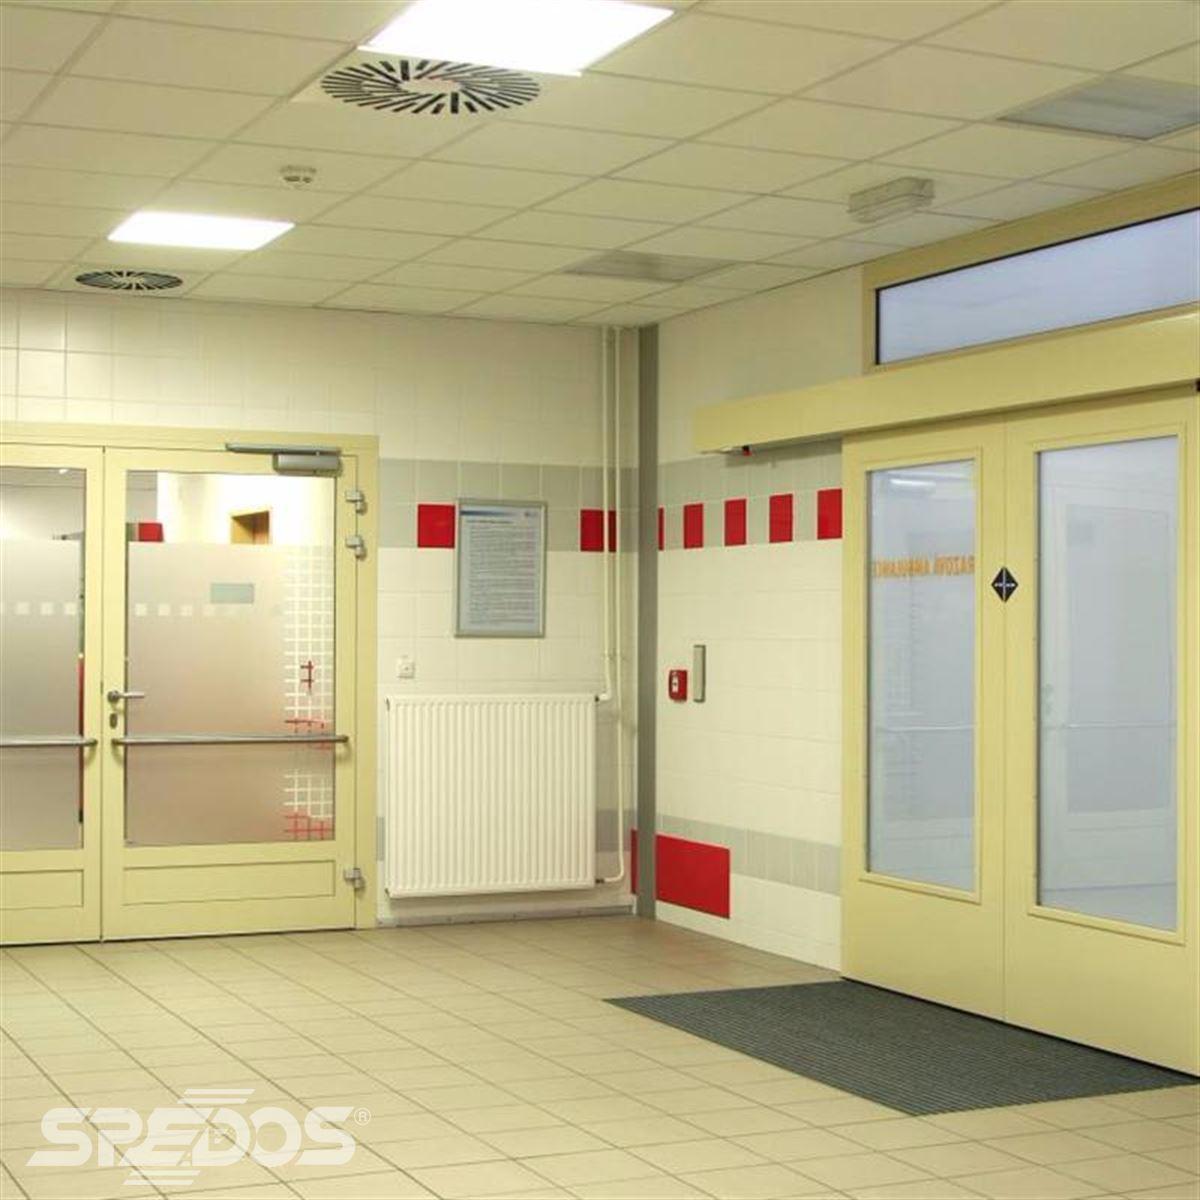 Požární automatické otočné dveře Spedos